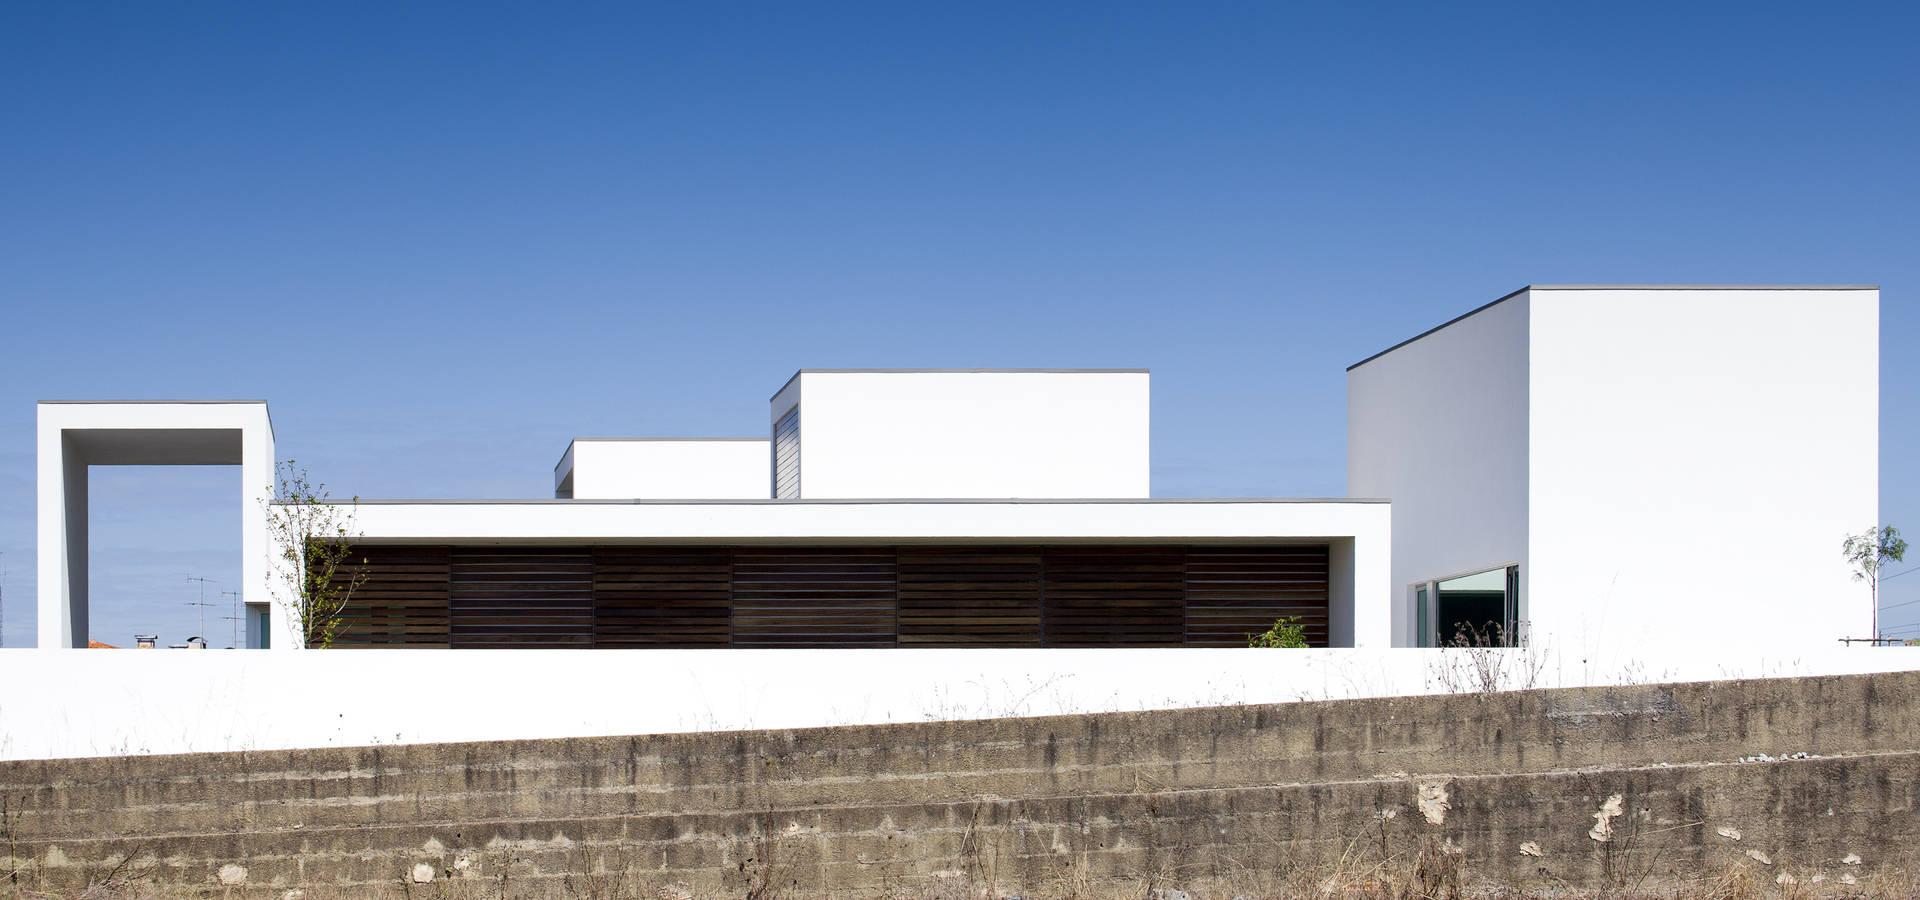 RVDM, Arquitectos Lda